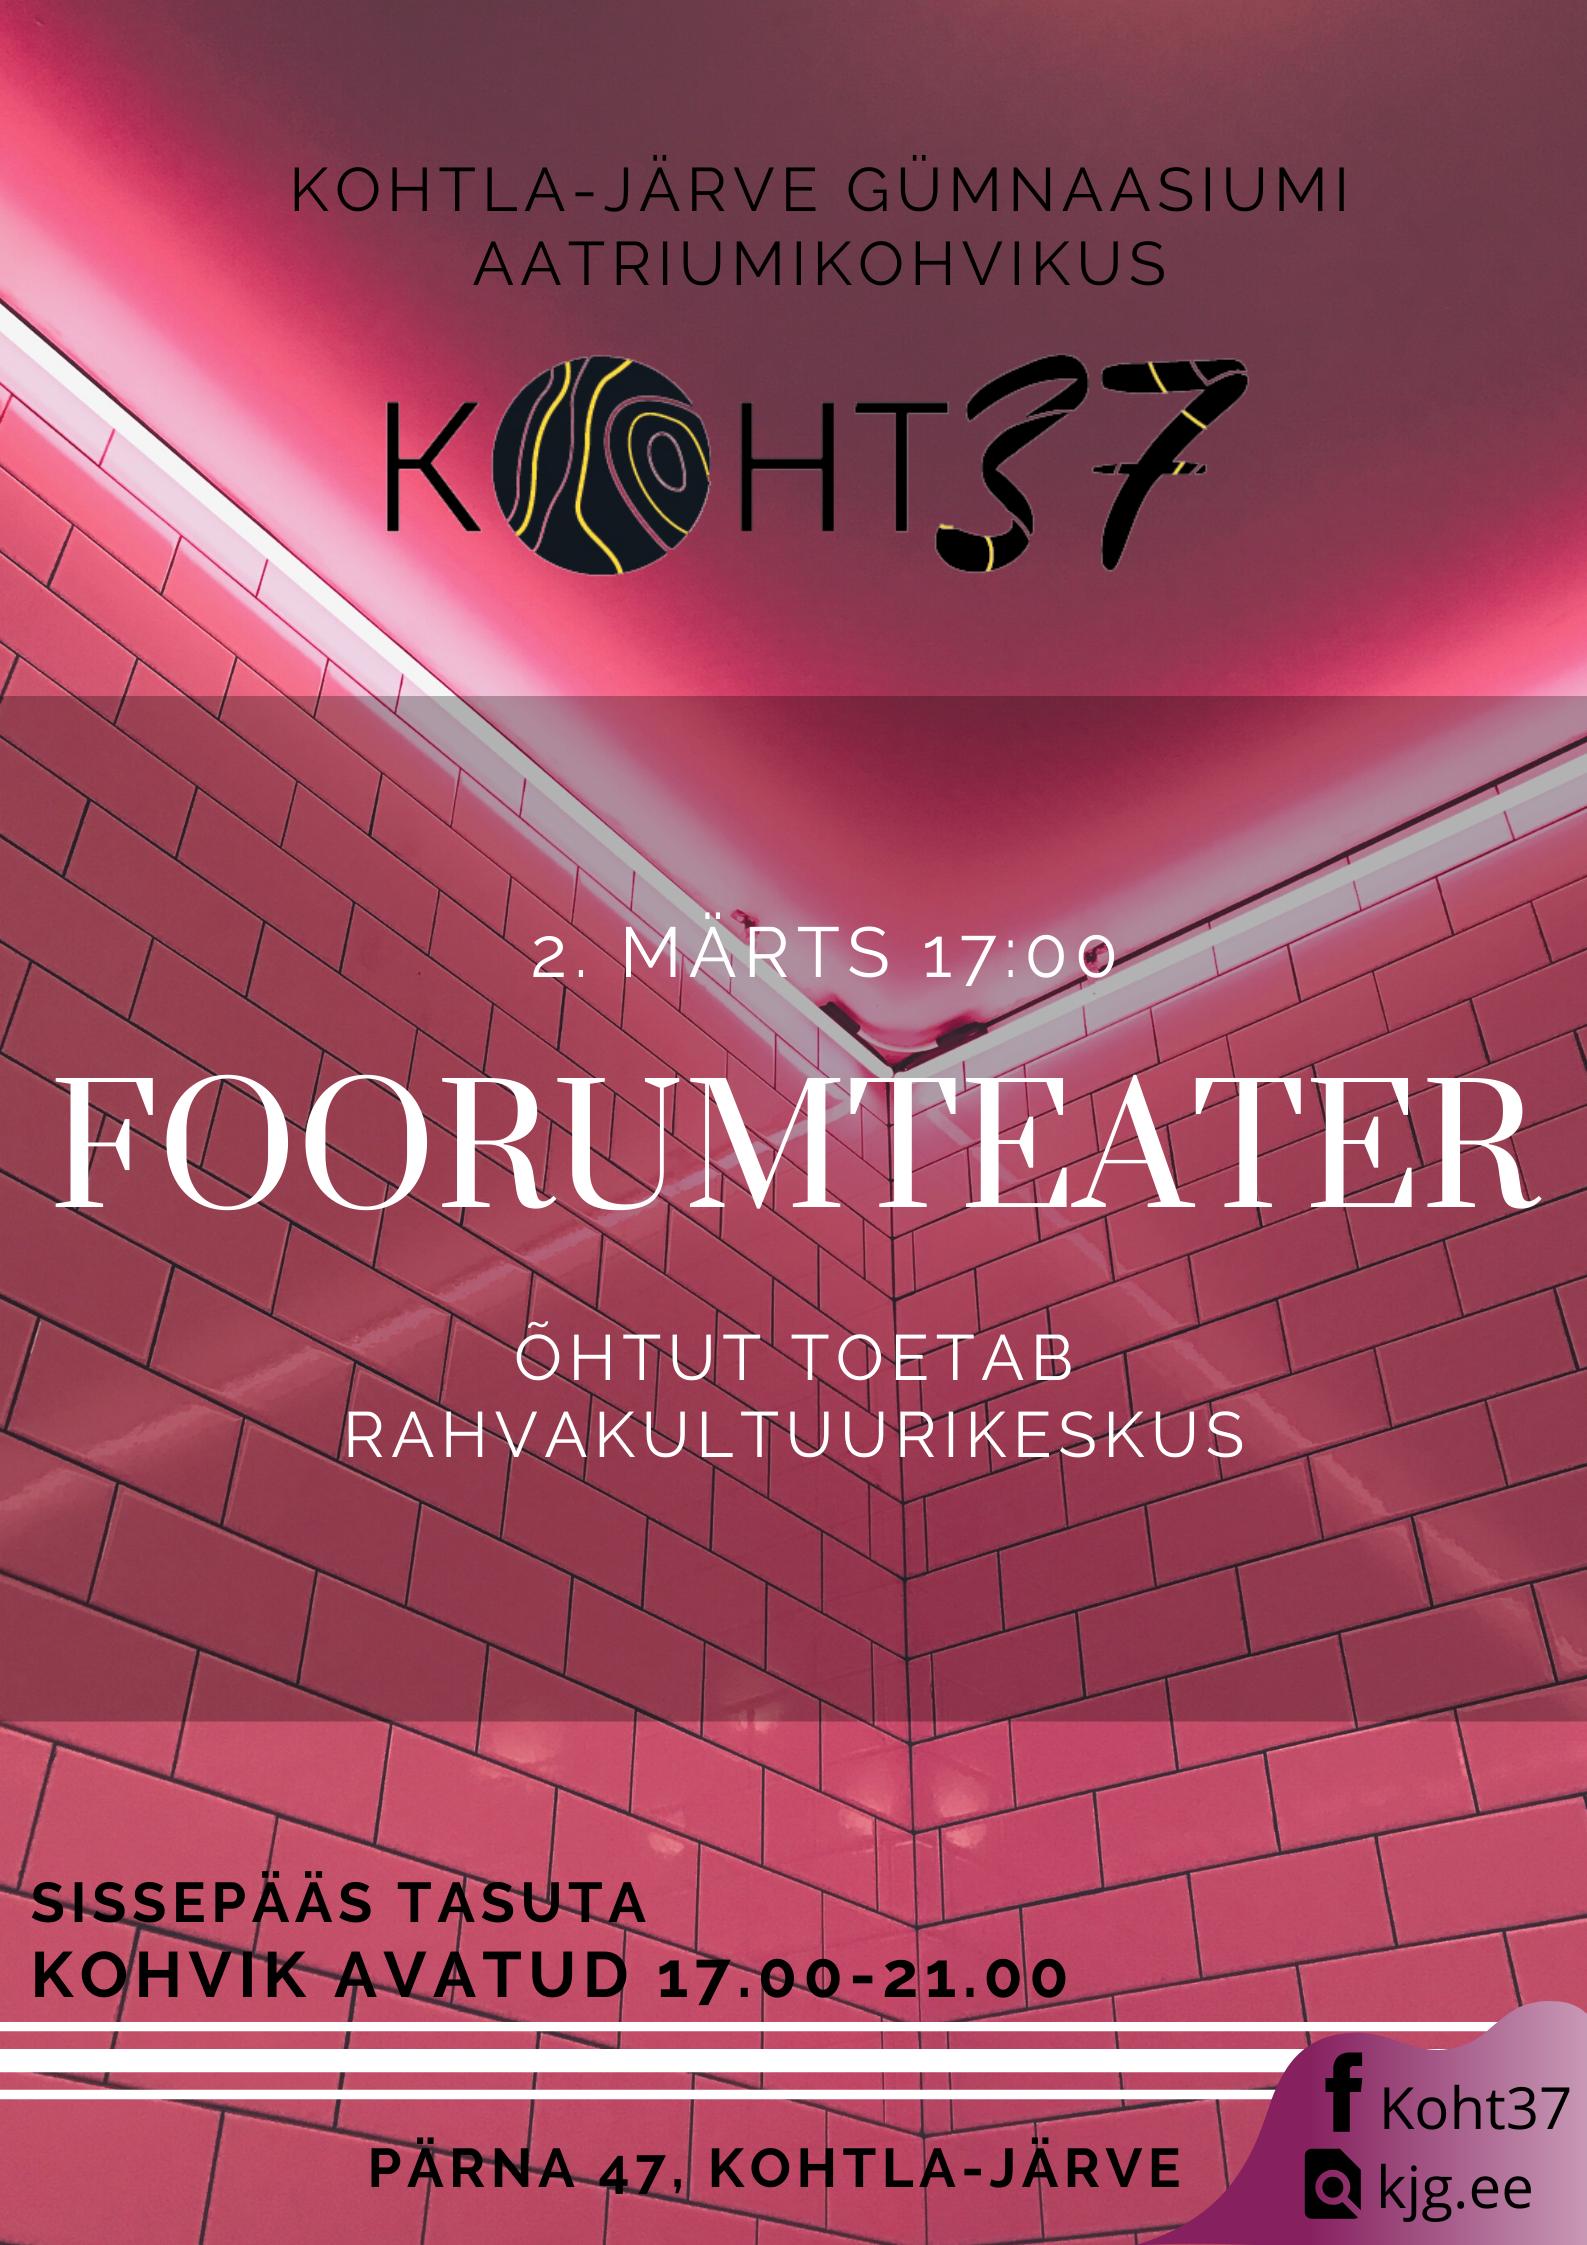 KOHT37: Foorumteater